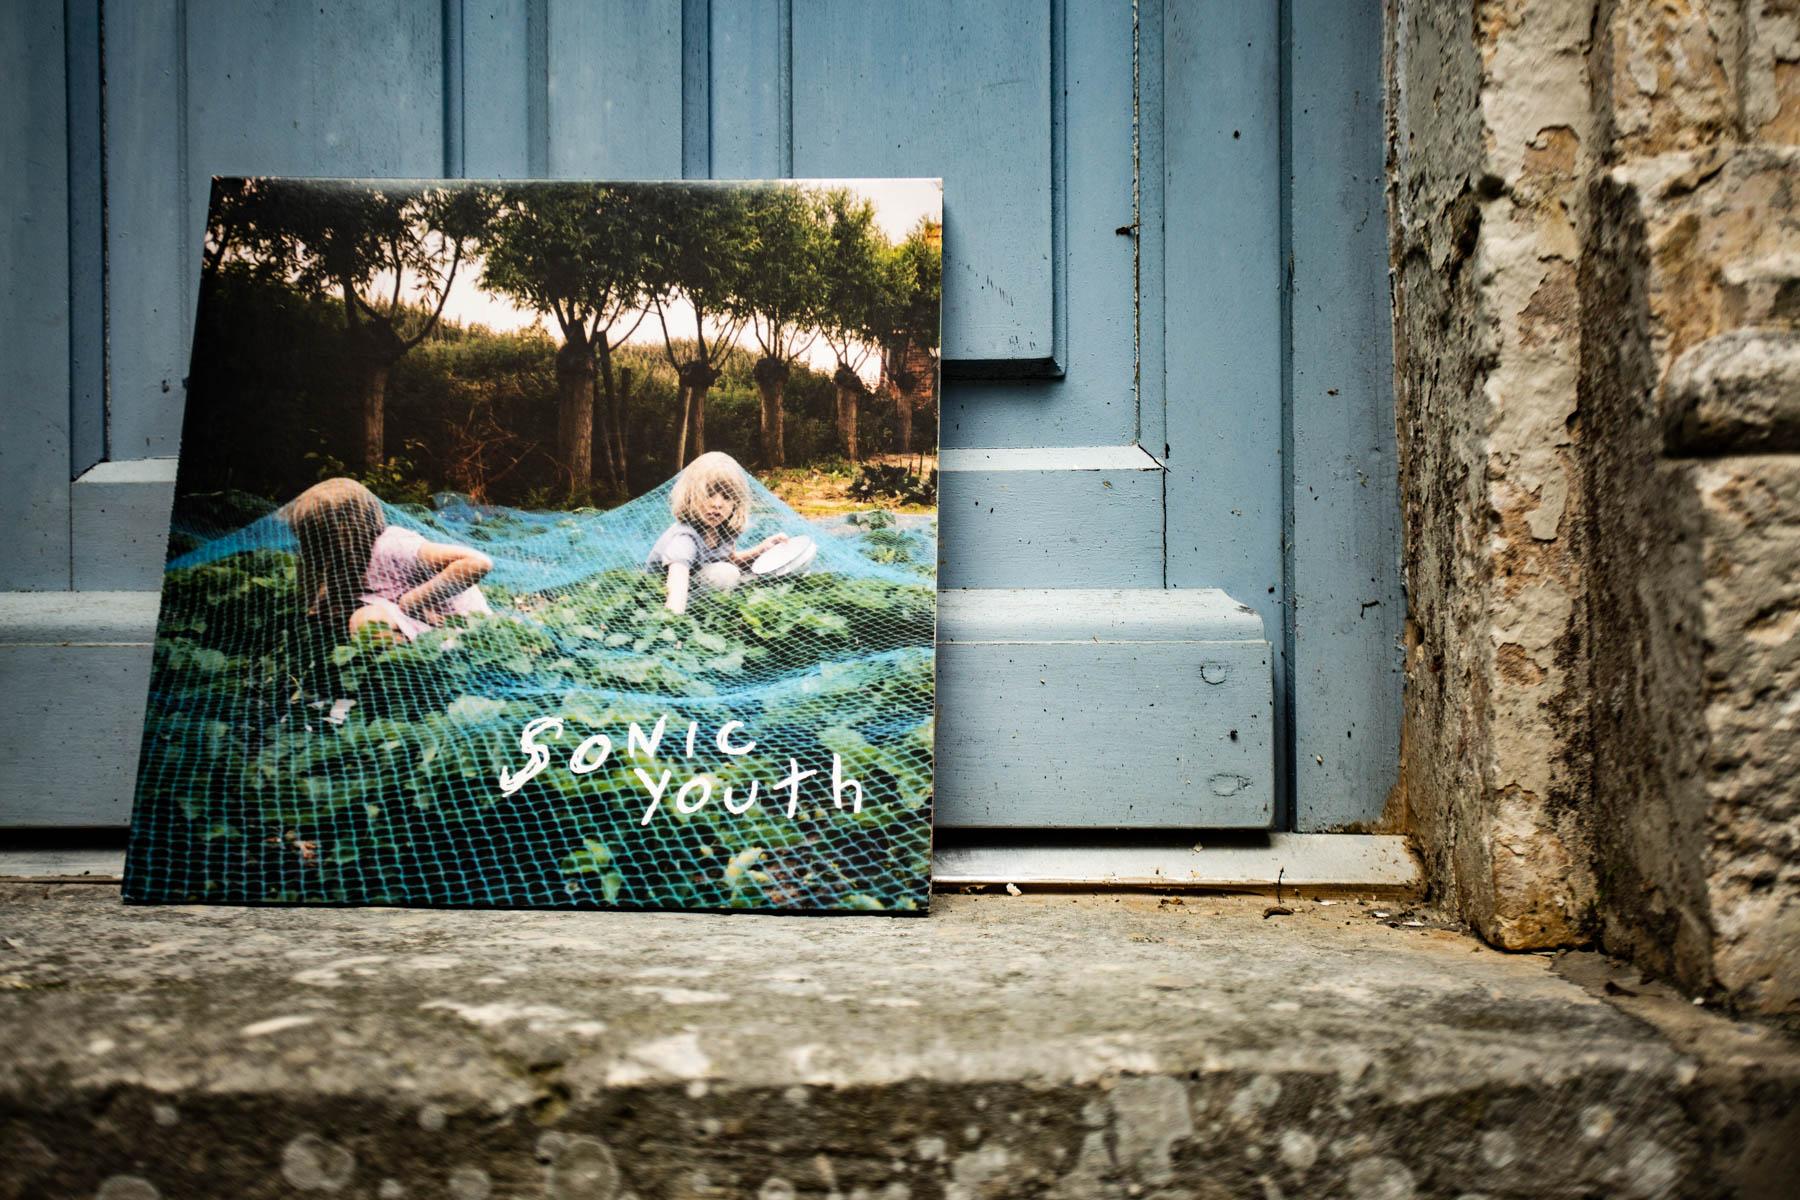 L'album Murray street de Sonic Youth dans le patio de la Maison Arriù.